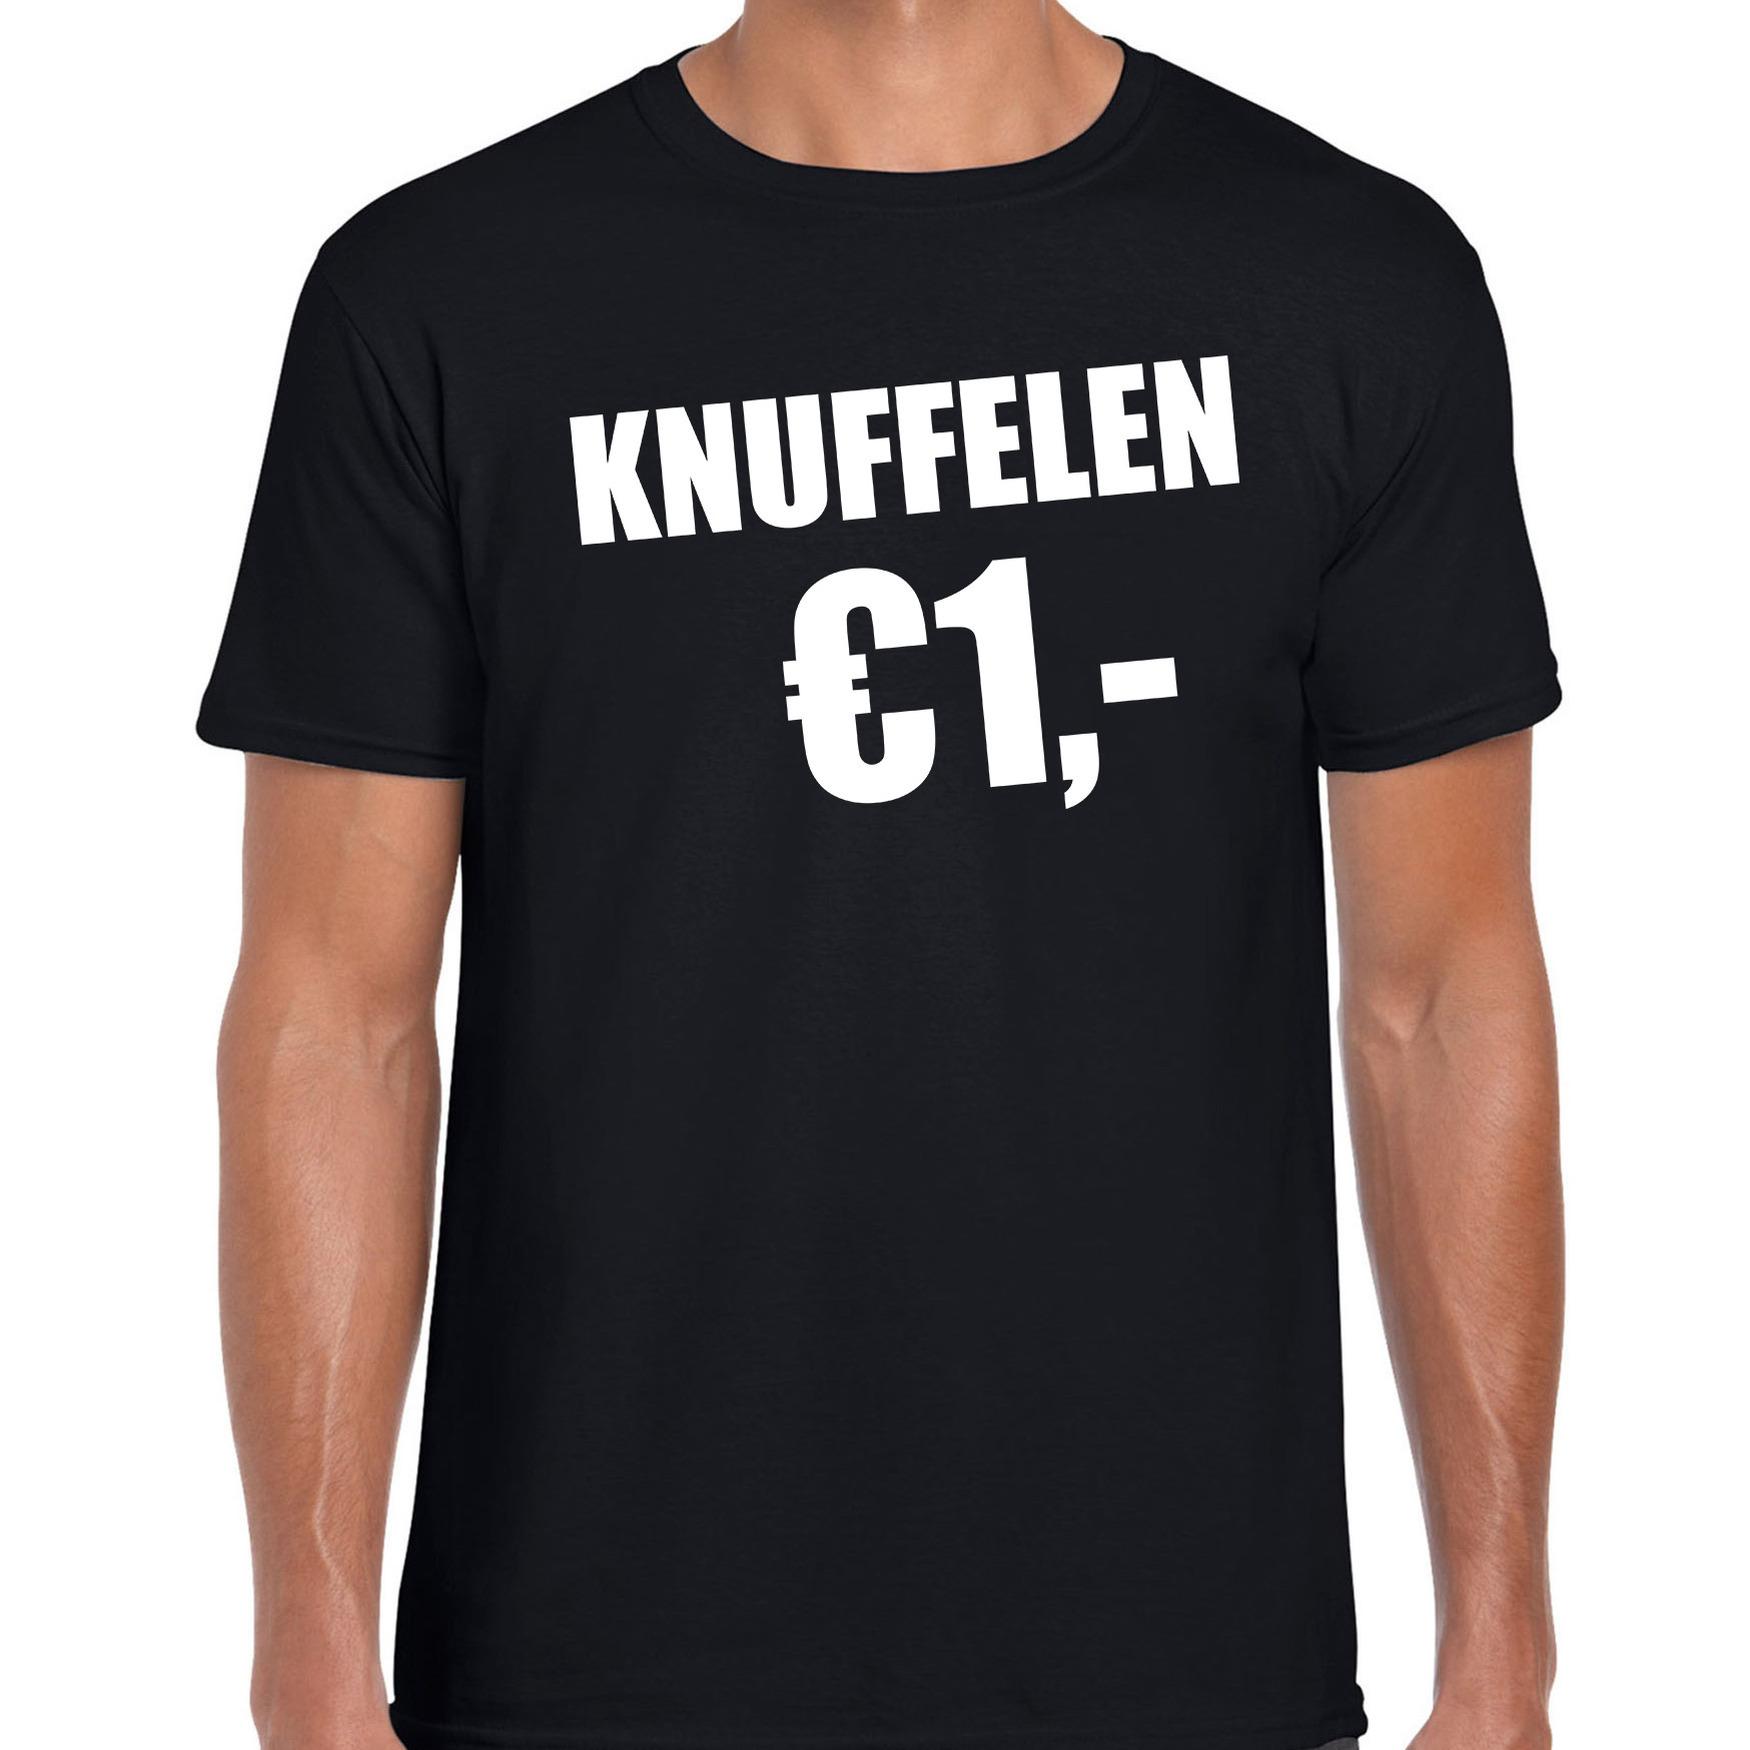 Fun t-shirt knuffelen 1 euro zwart voor heren M -